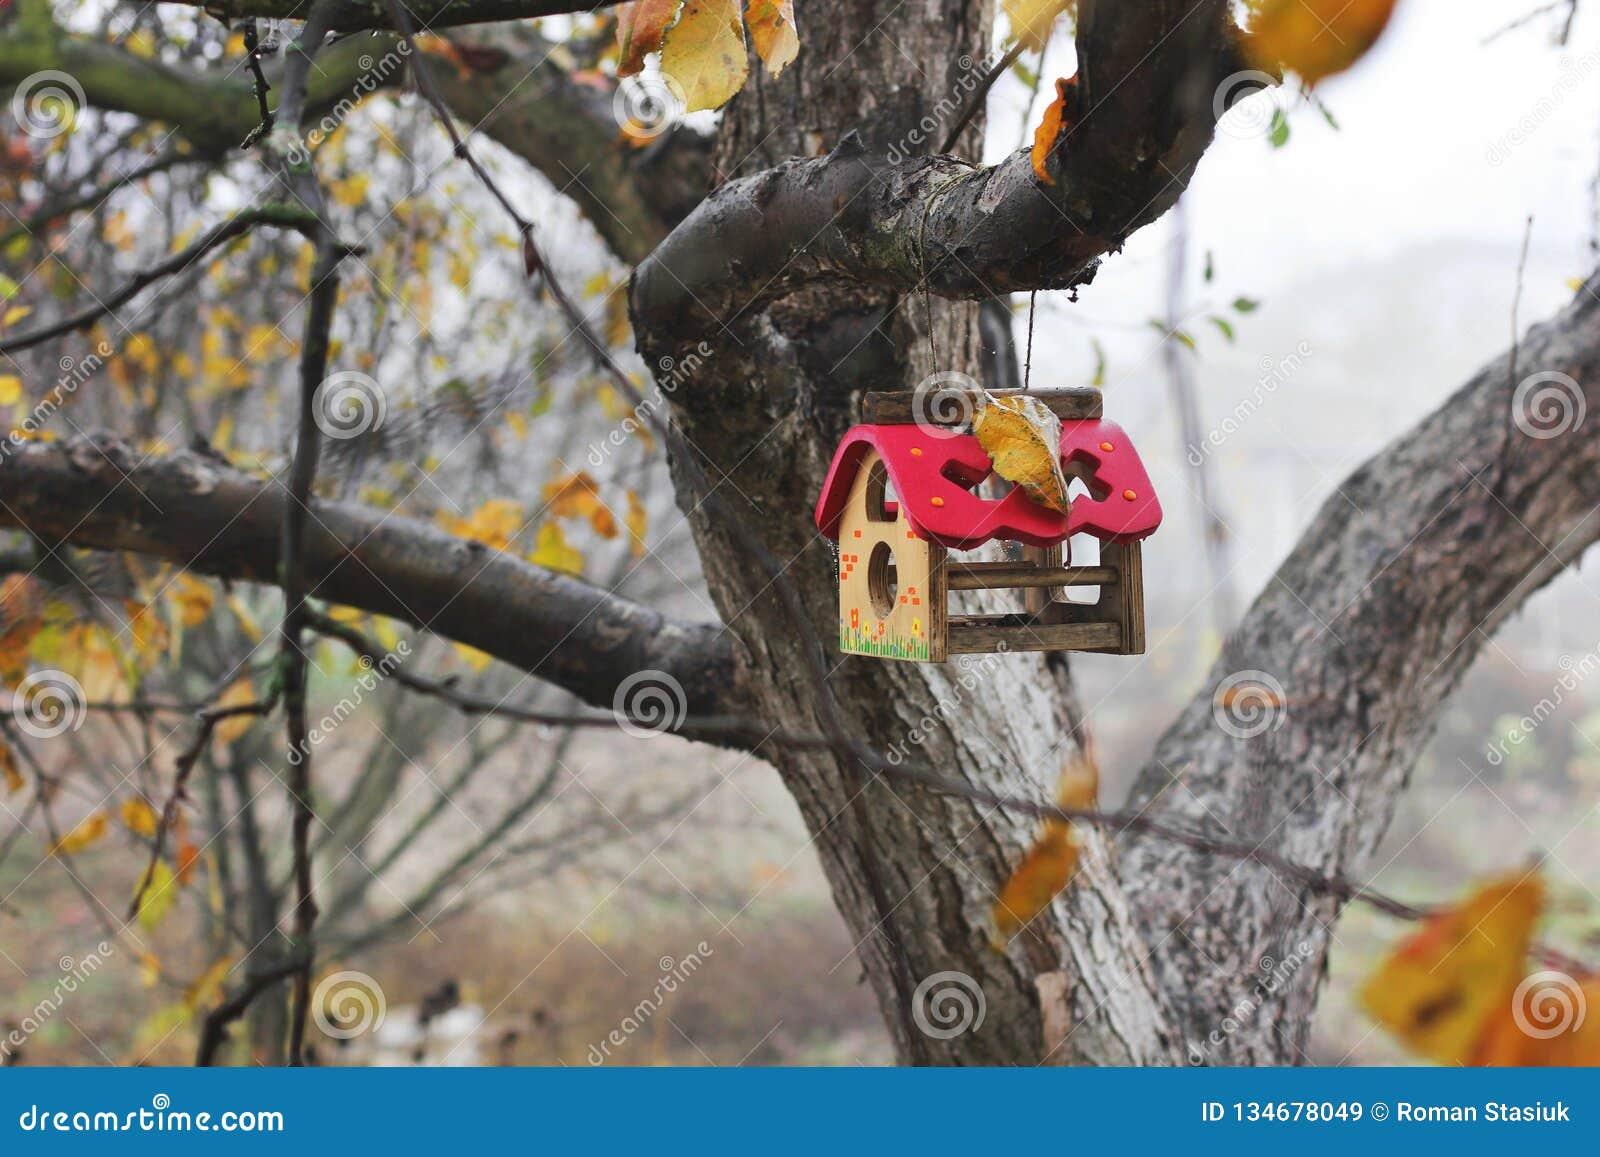 Jesień birdhouse opuszczać drzewa gałązek kolor żółty